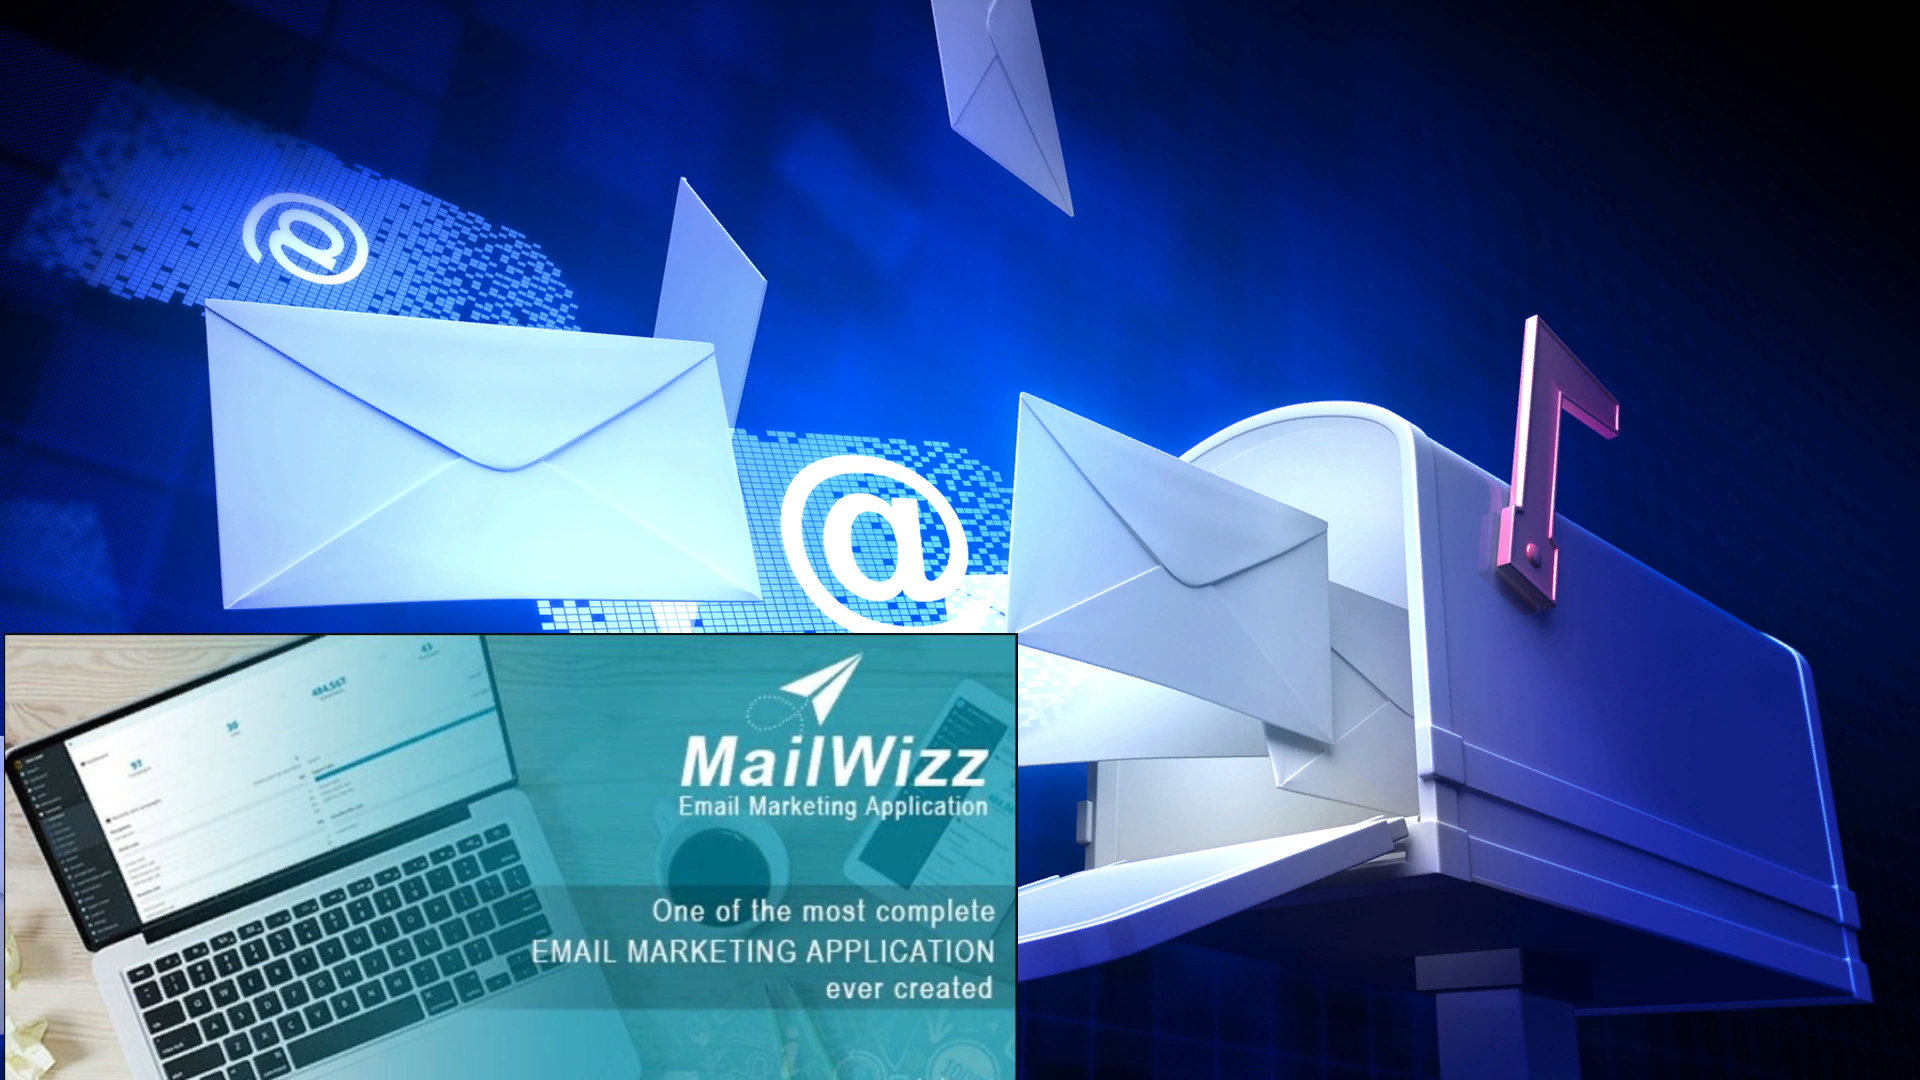 I will install bulk email marketing software-Mailwizz latest with PowerMTA 5.0r3